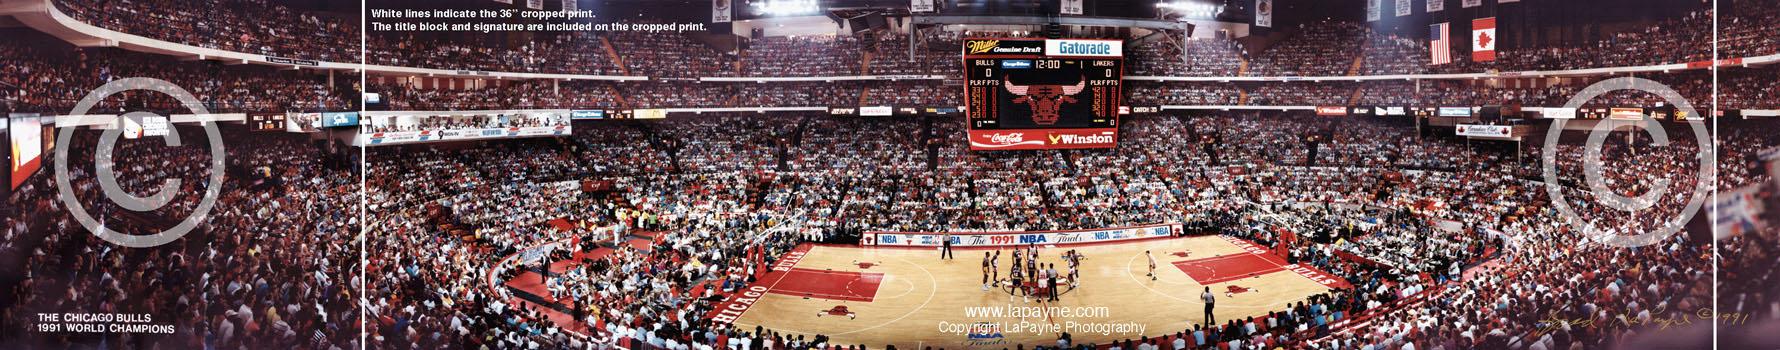 Chicago Stadium Panorama 1991 Nba Finals Panorama